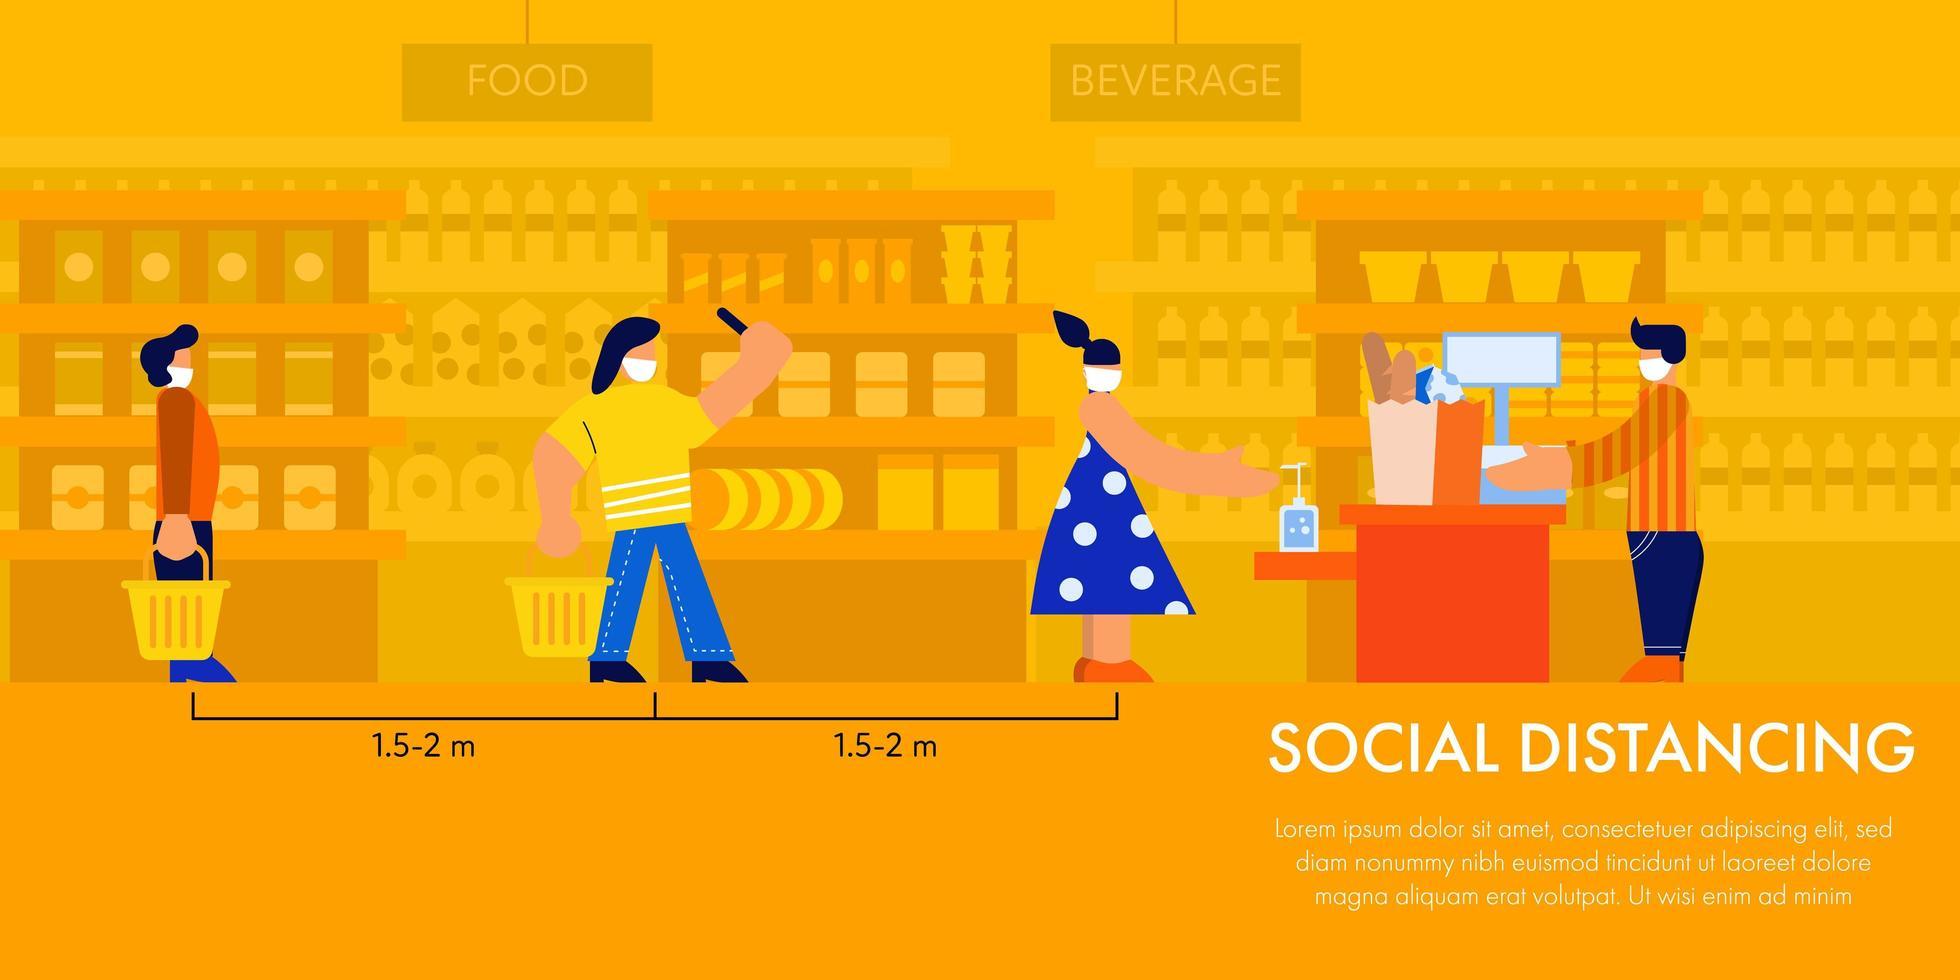 sociale afstand in lijn bij supermarkt vector